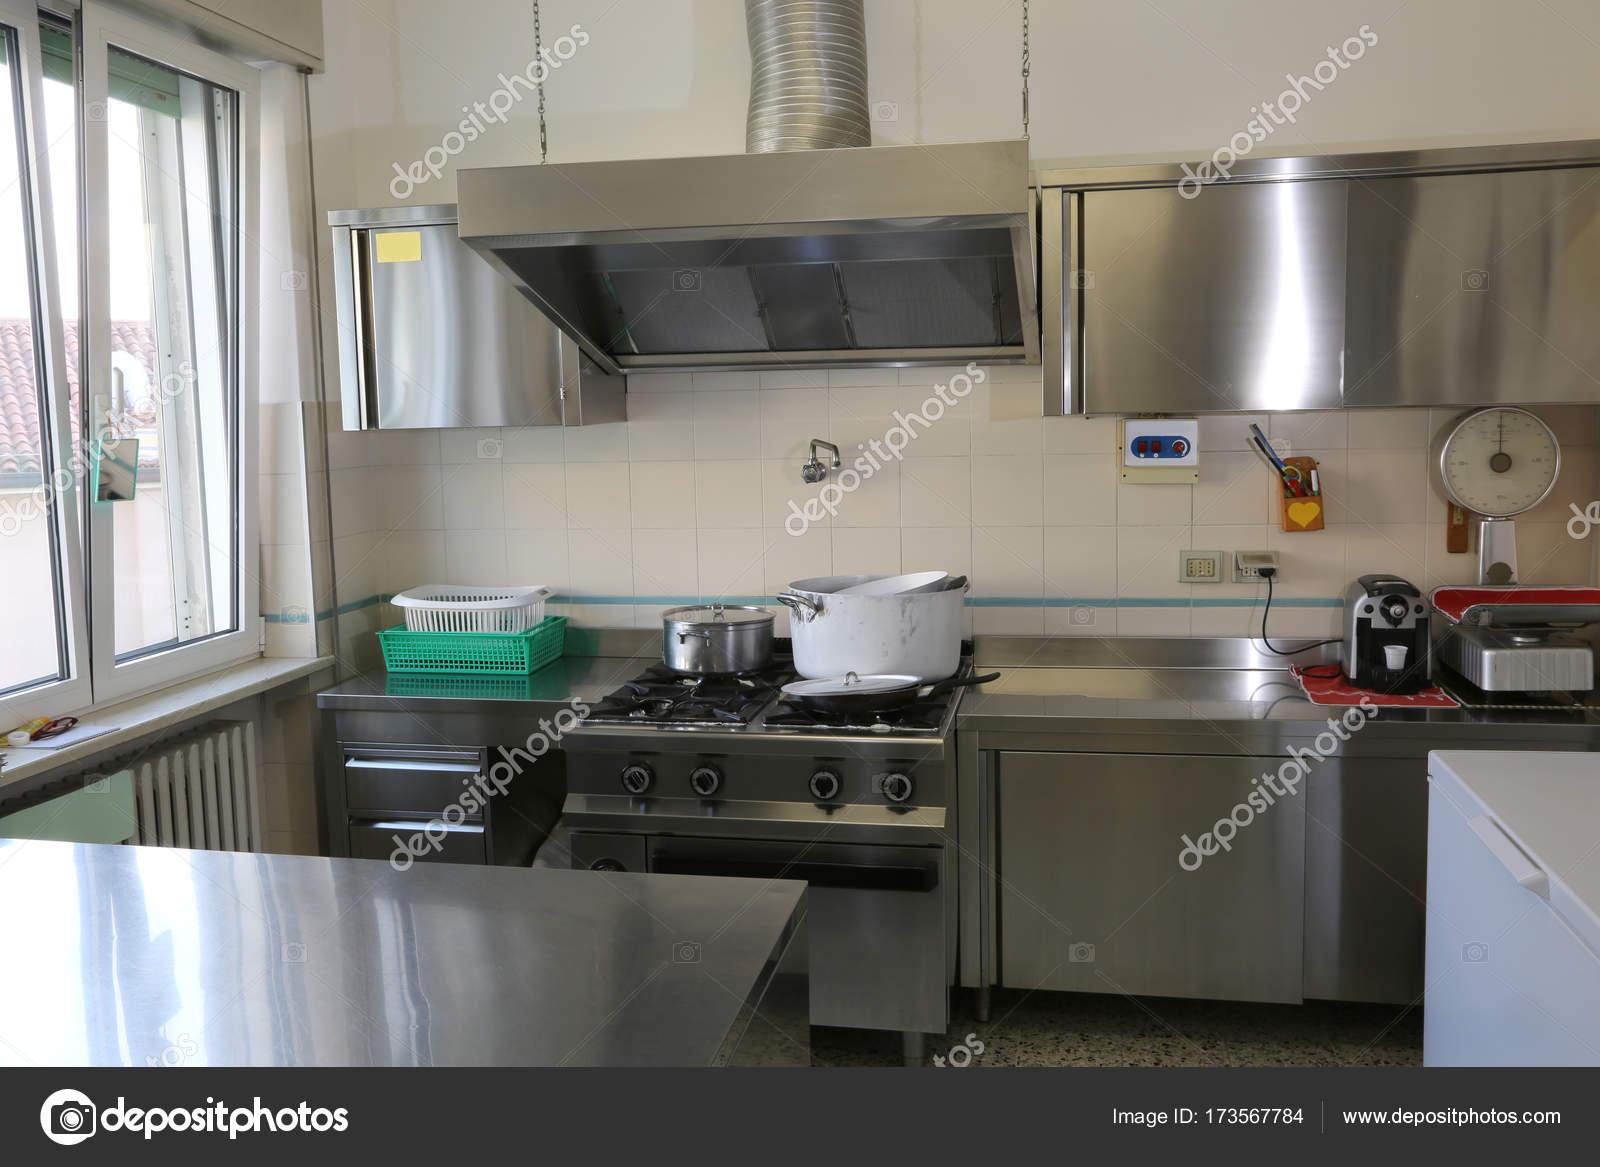 Mobili Da Cucina Acciaio.Cucina Industriale Con Mobili In Acciaio Macchia Foto